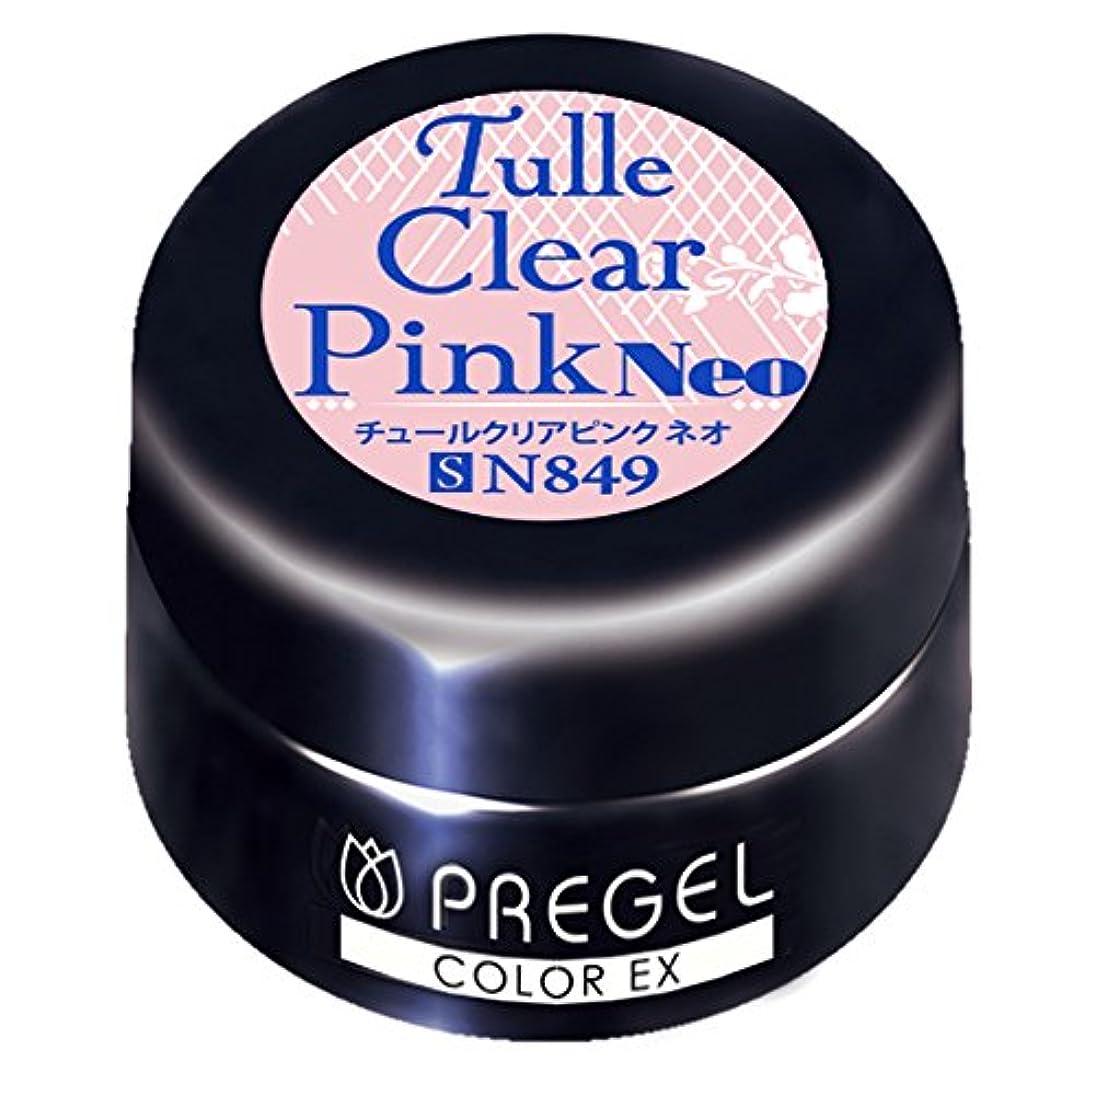 ポーンコンペ無駄にPRE GEL カラーEX チュールクリアピンクneo849 3g UV/LED対応